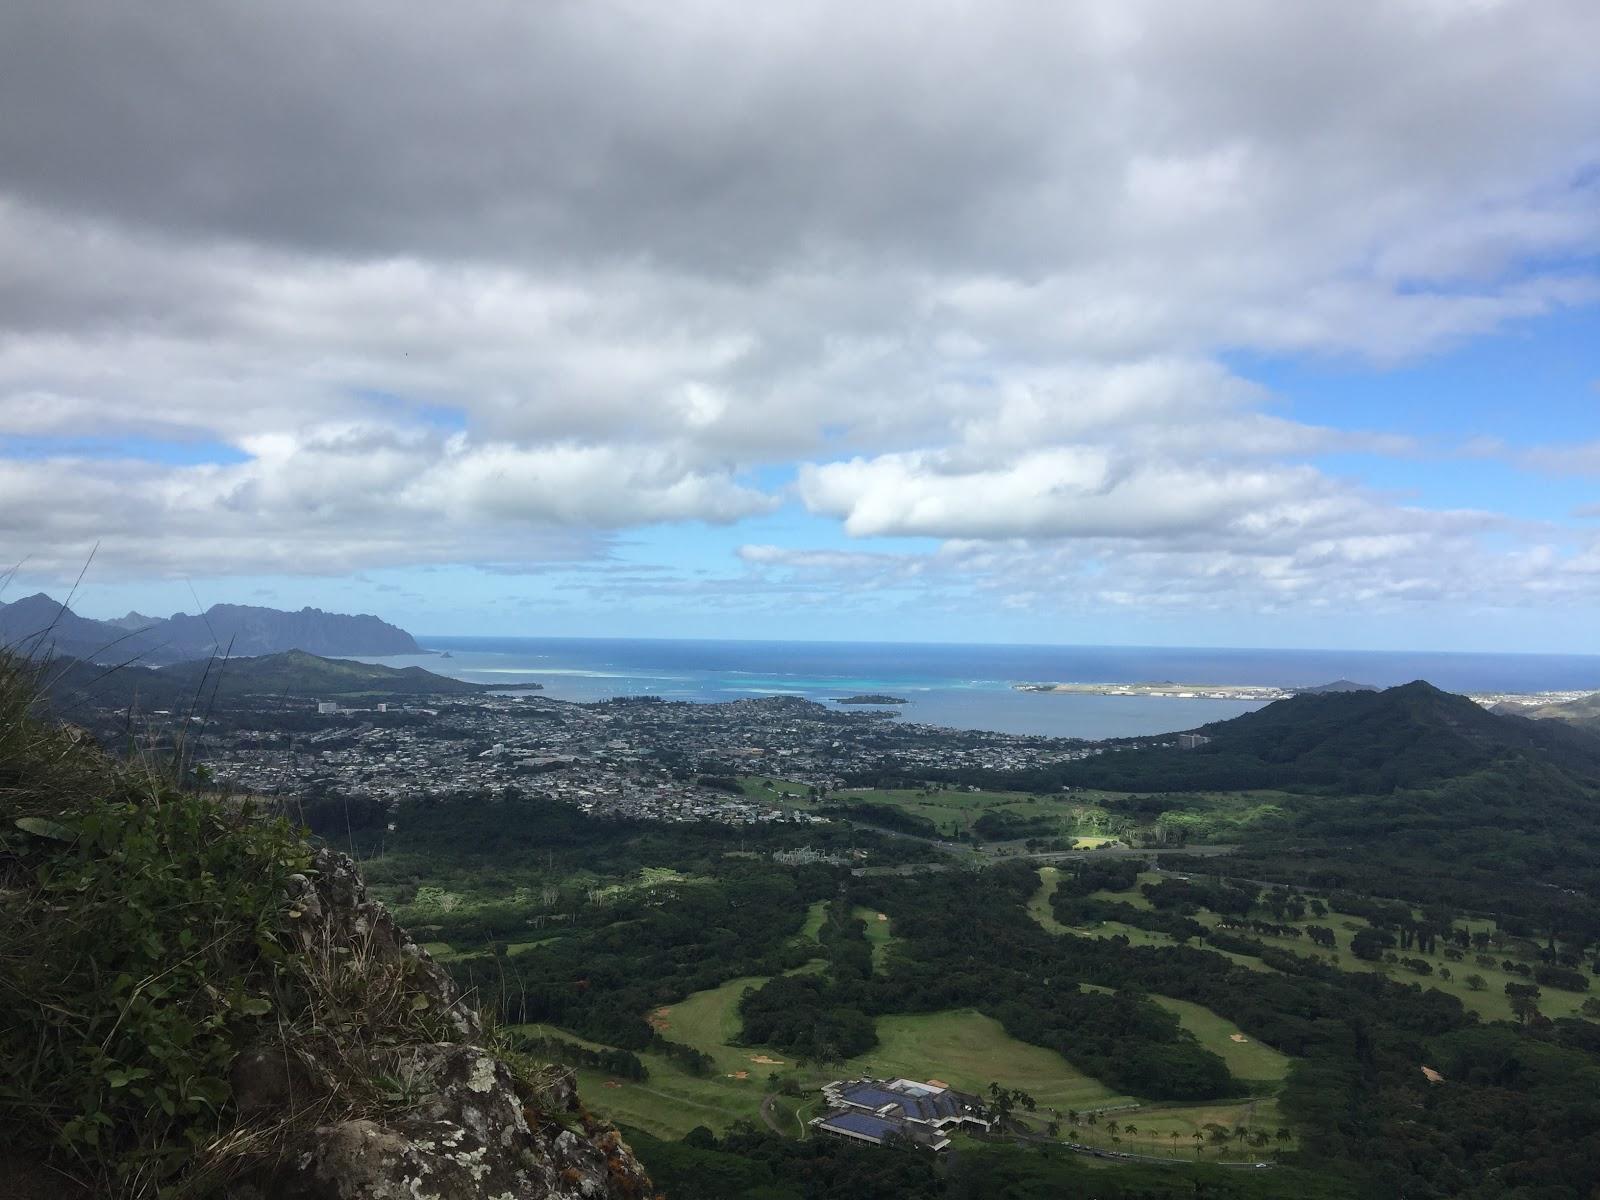 Morgan Hiking in Hawaii: Pali Puka revisited